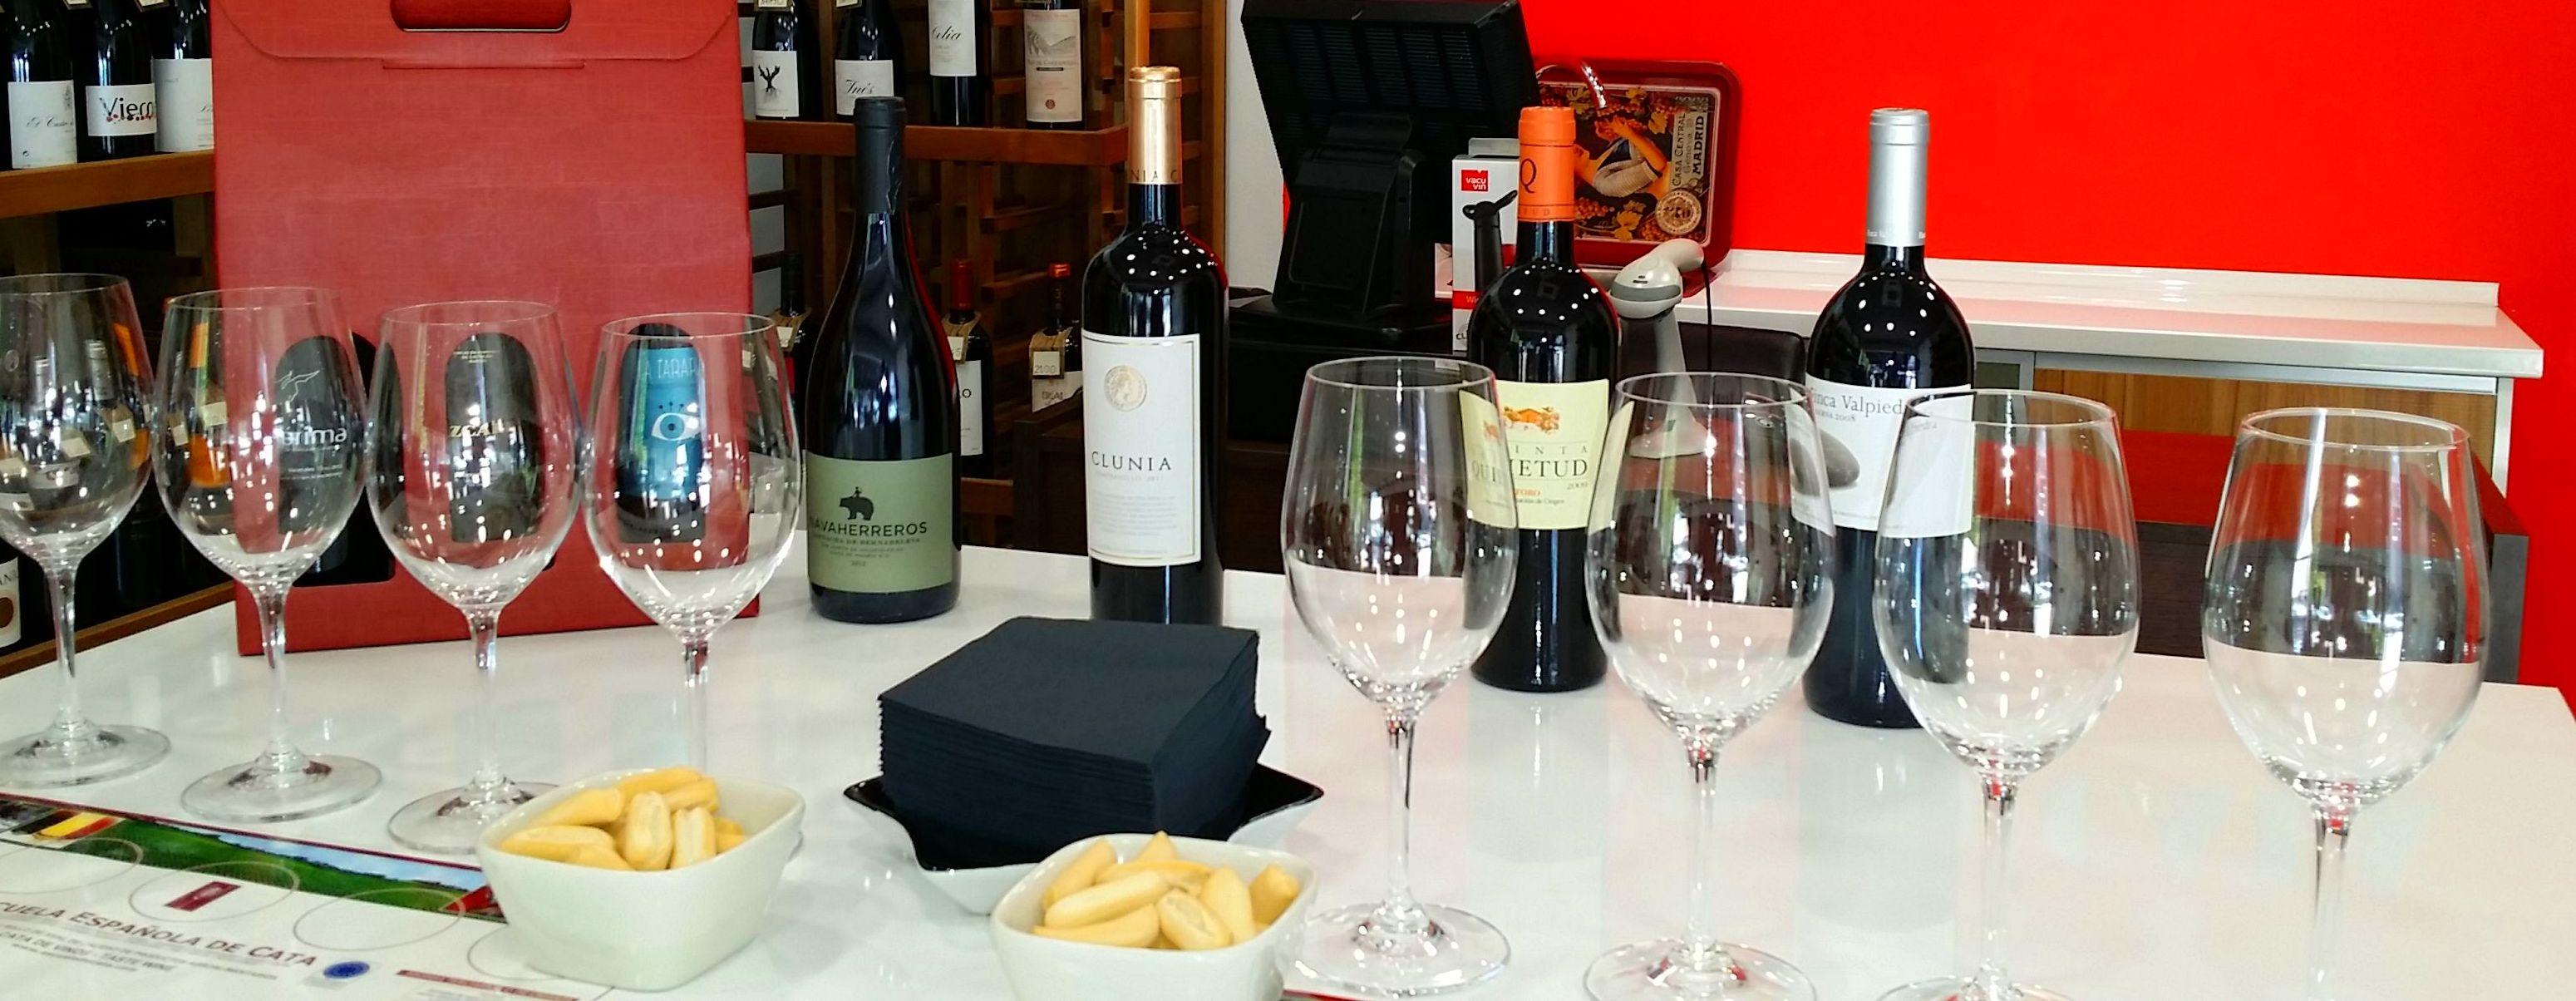 Degustación gratuita de vino diaria.